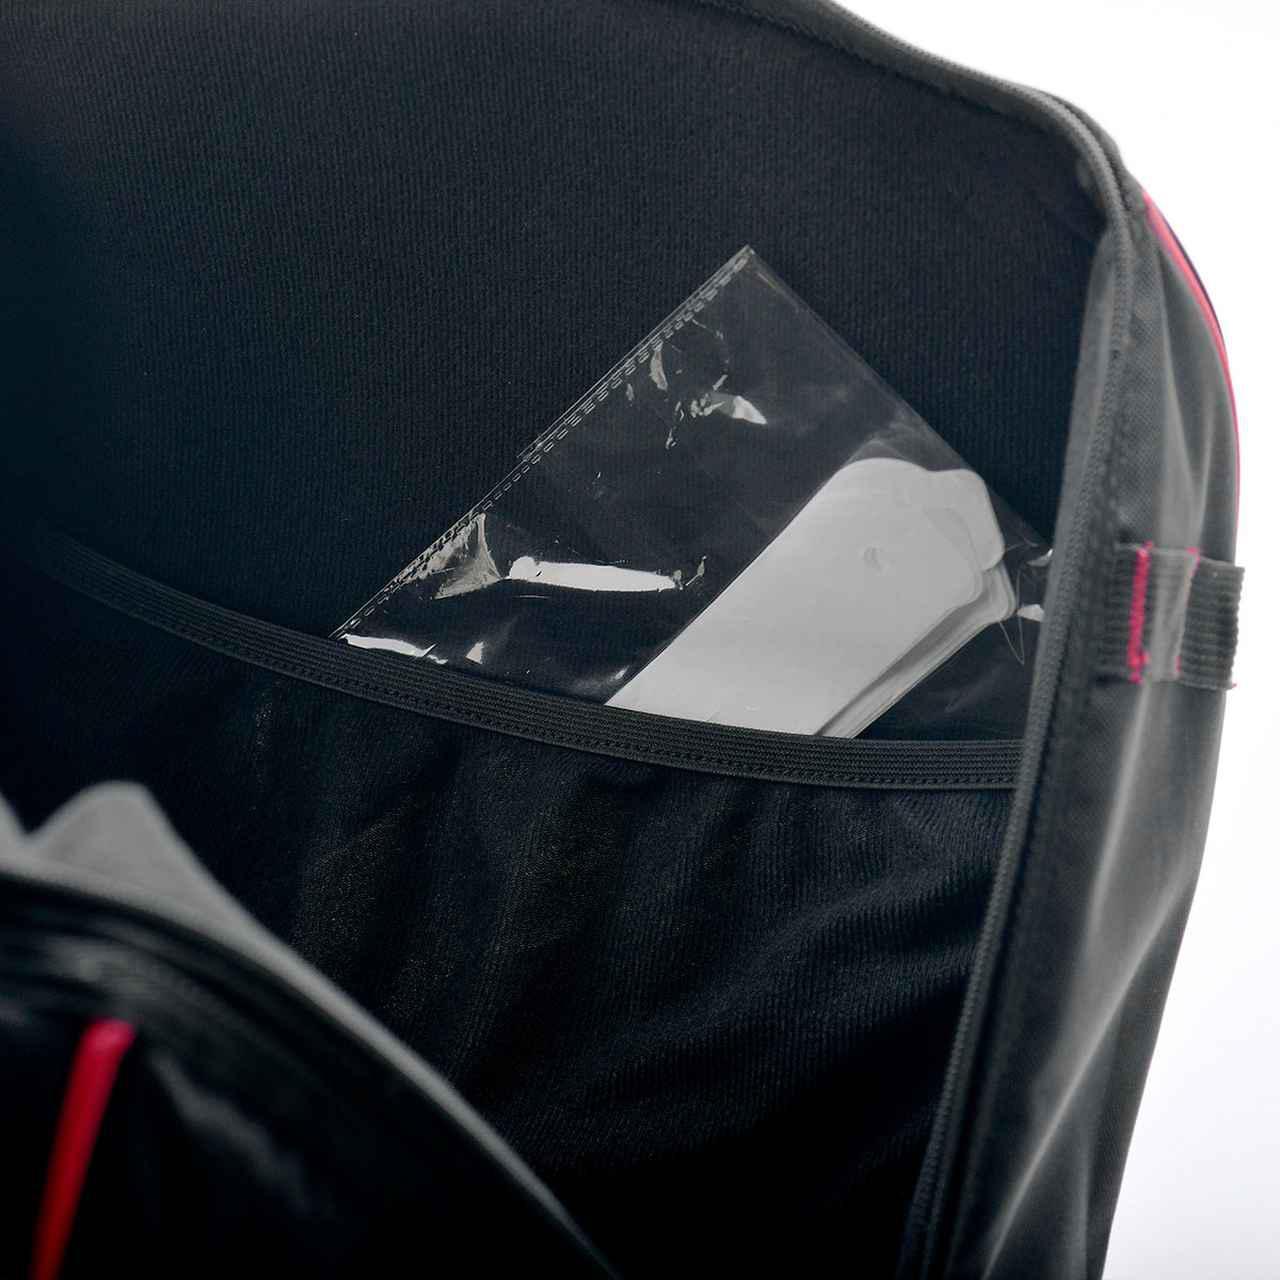 画像4: ヘルメット+小物ギアはバッグにまとめてスマートに